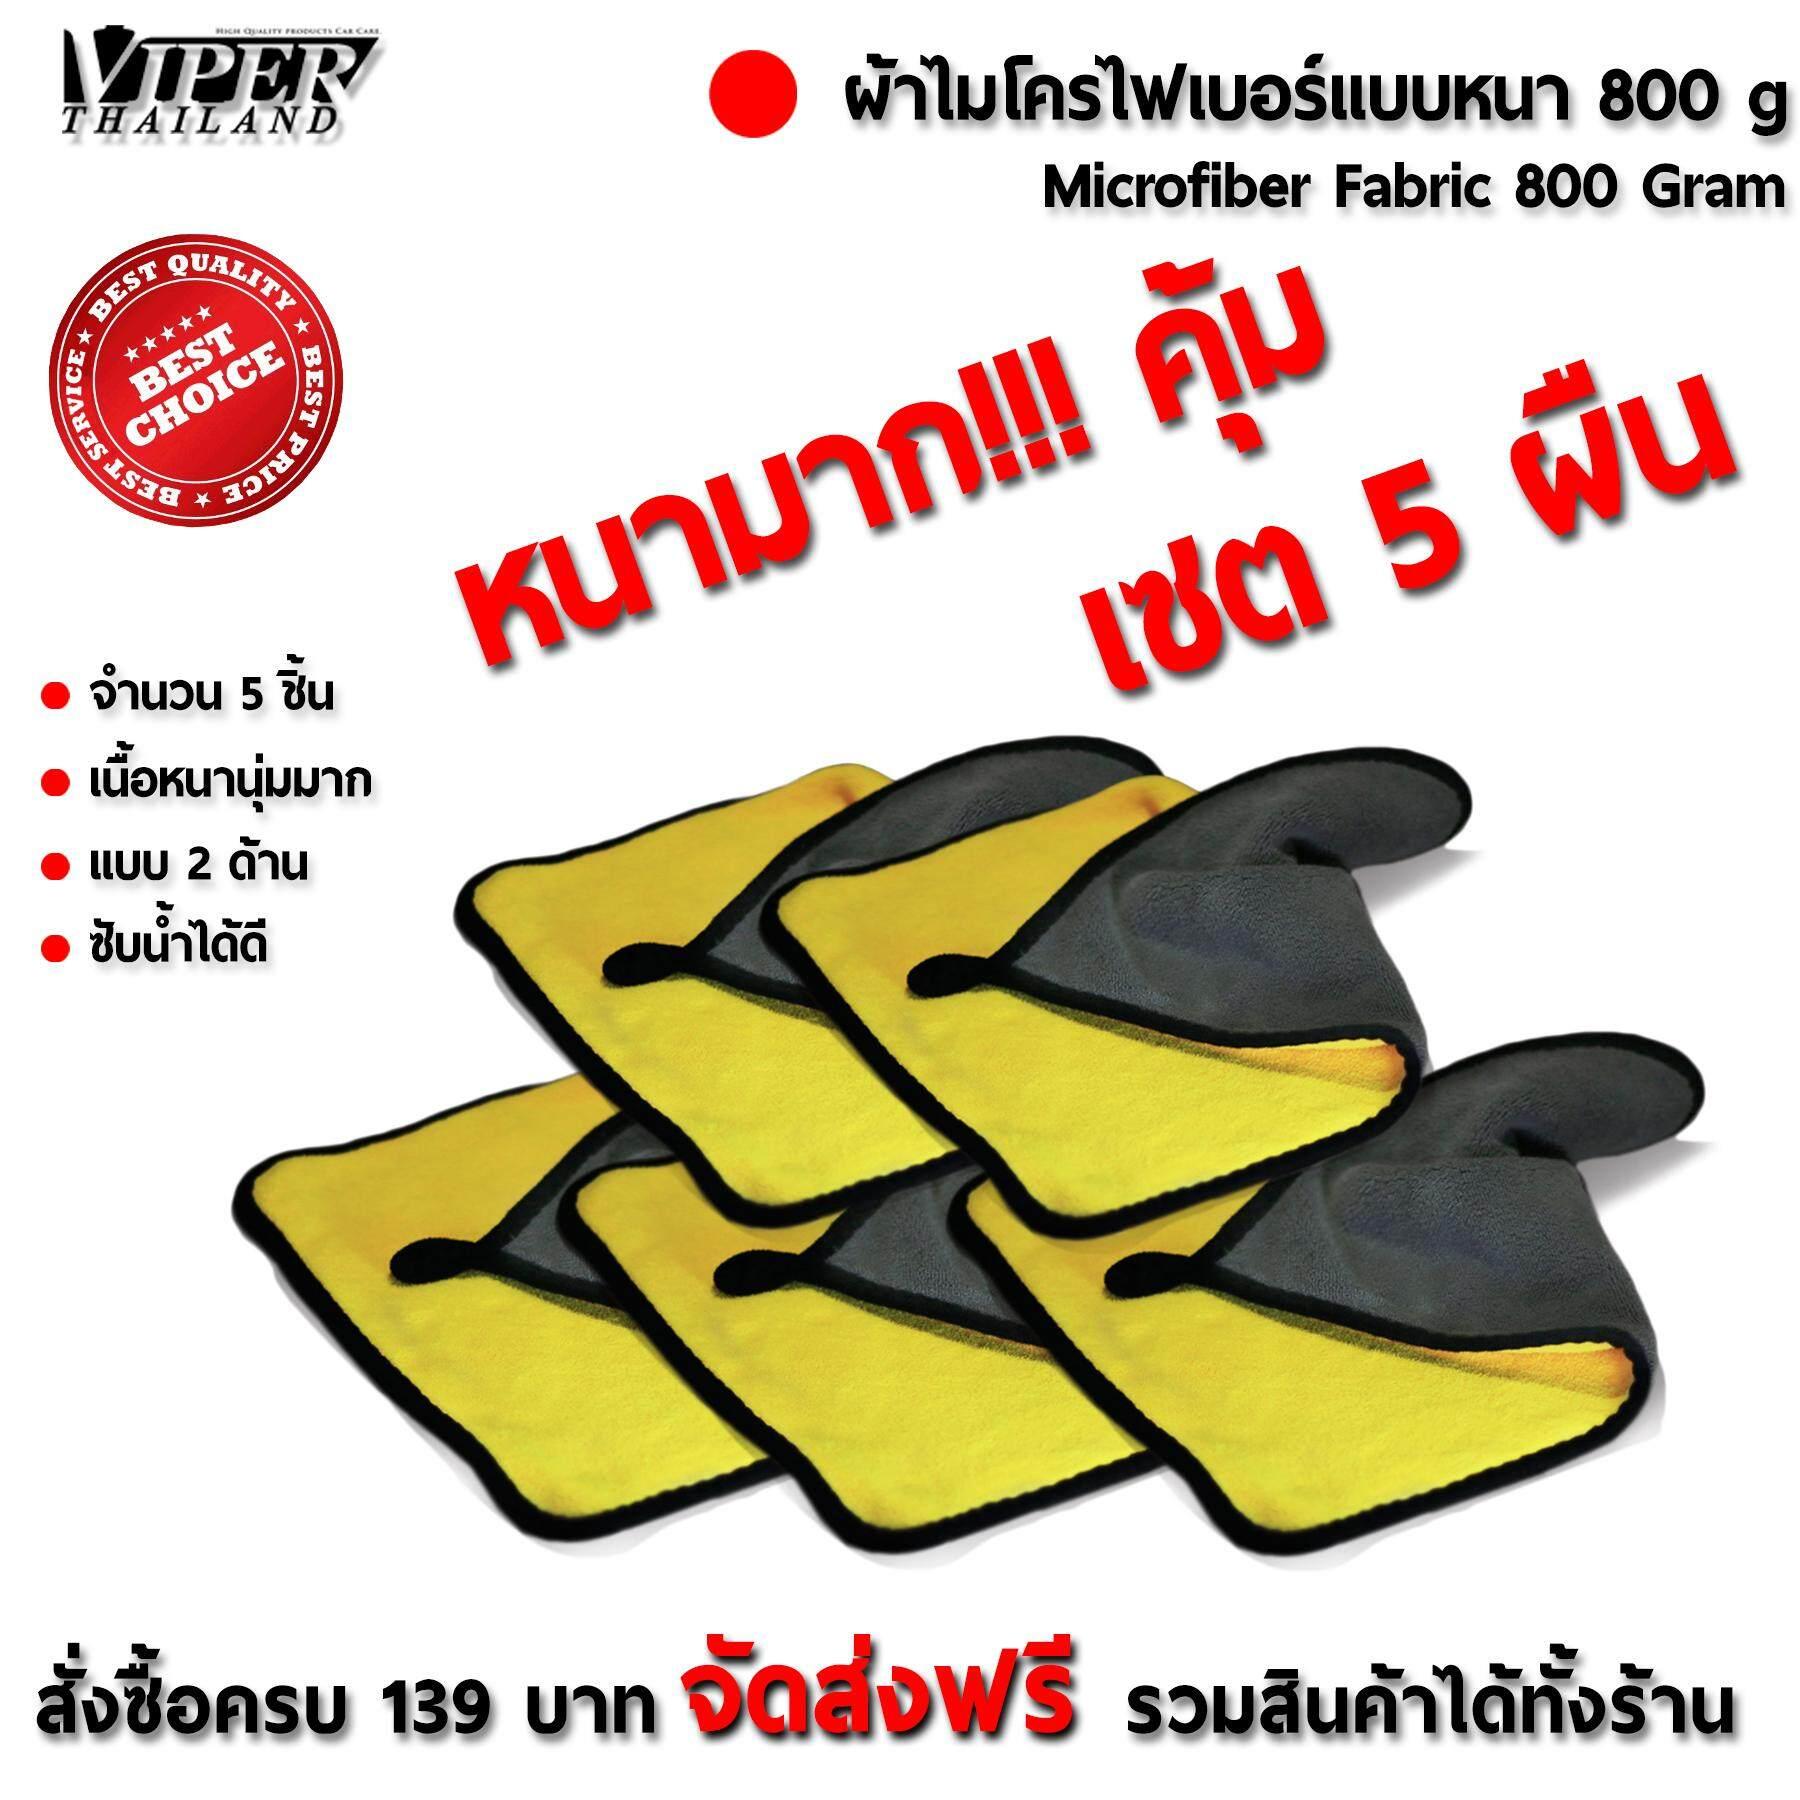 ผ้าไมโครไฟเบอร์ หนามาก 800 กรัม ขนาด40*30 Cm 5 ผืน ผ้าเช็ดรถ ผ้าไมโครไฟเบอร์ Microfiber Cleaning Cloth ผ้าเช็ดทำความสะอาด ผ้าเอนกประสงค์ คละสี-เทา By Viper Thailand.